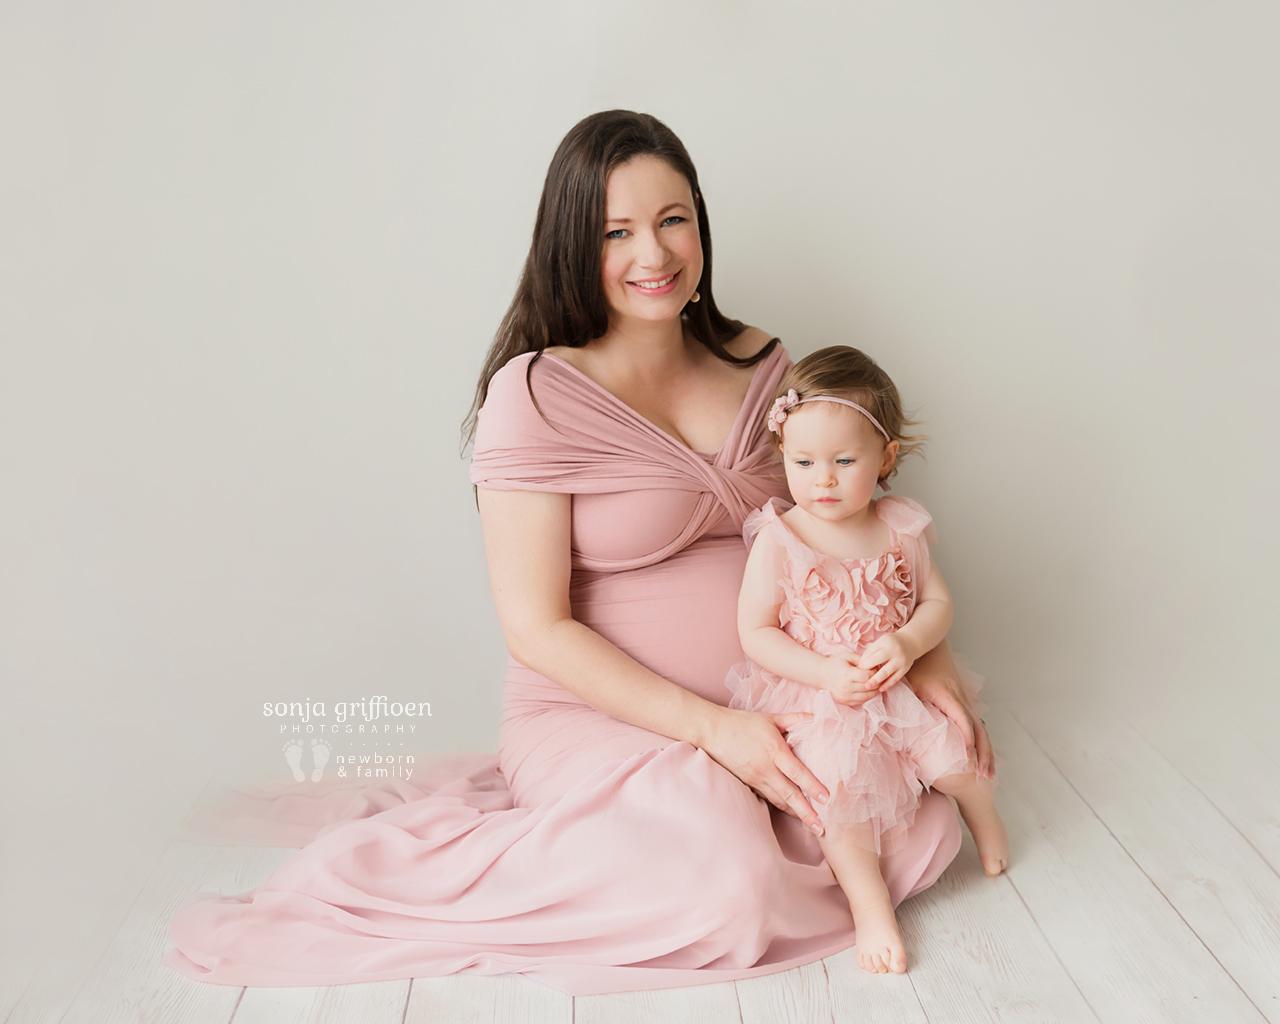 Sarah-Maternity-2-Brisbane-Newborn-Photographer-Sonja-Griffioen-03.jpg